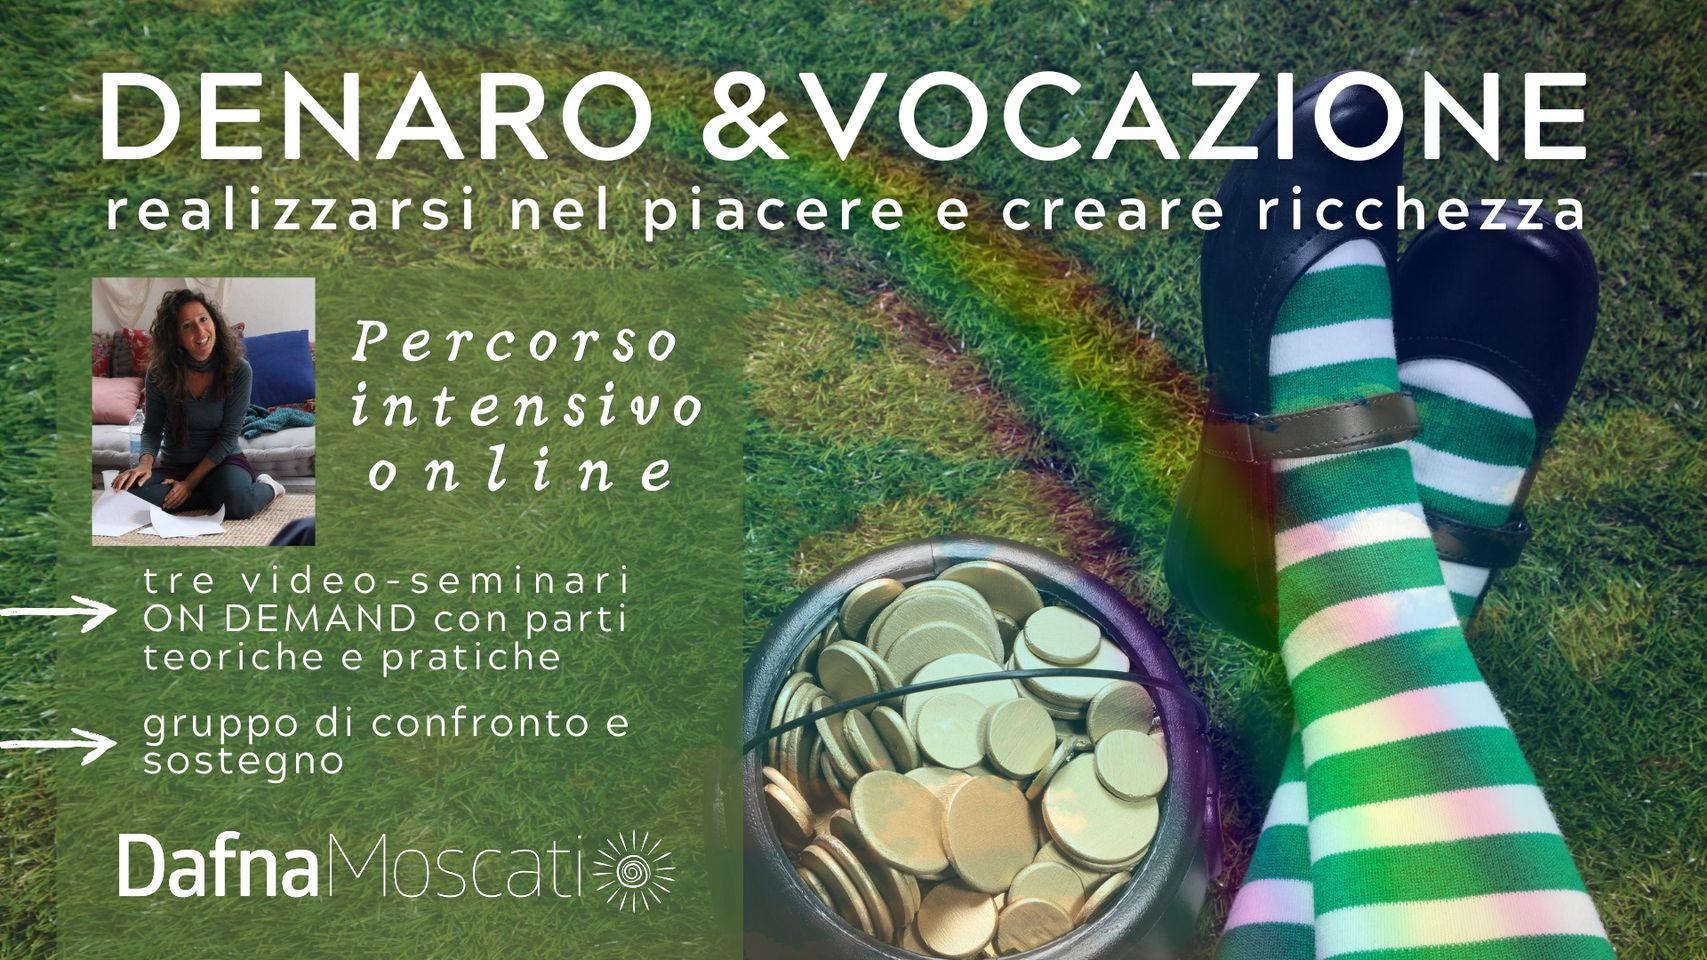 DENARO & VOCAZIONE - Realizzarsi nel piacere e creare ricchezza - Percorso intensivo online!